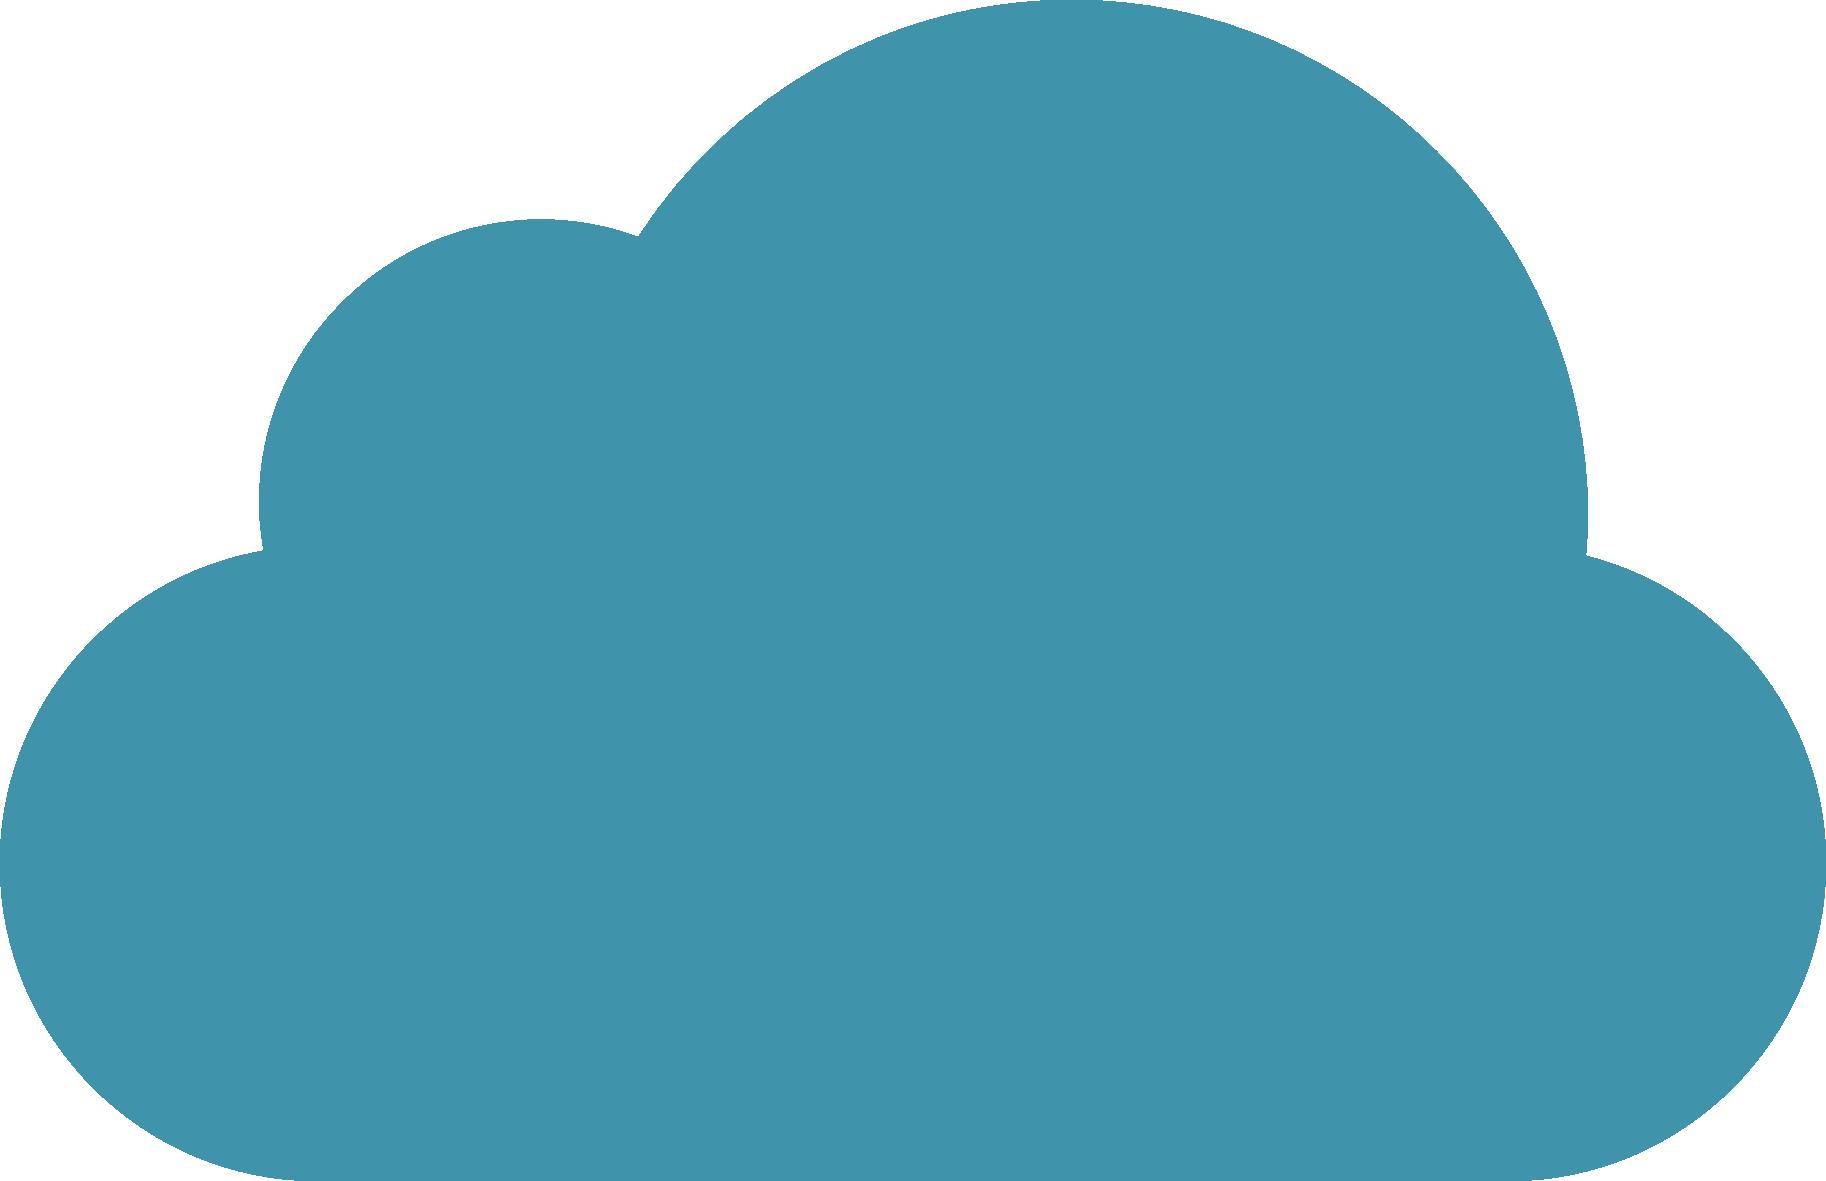 Usługi w chmurze ico